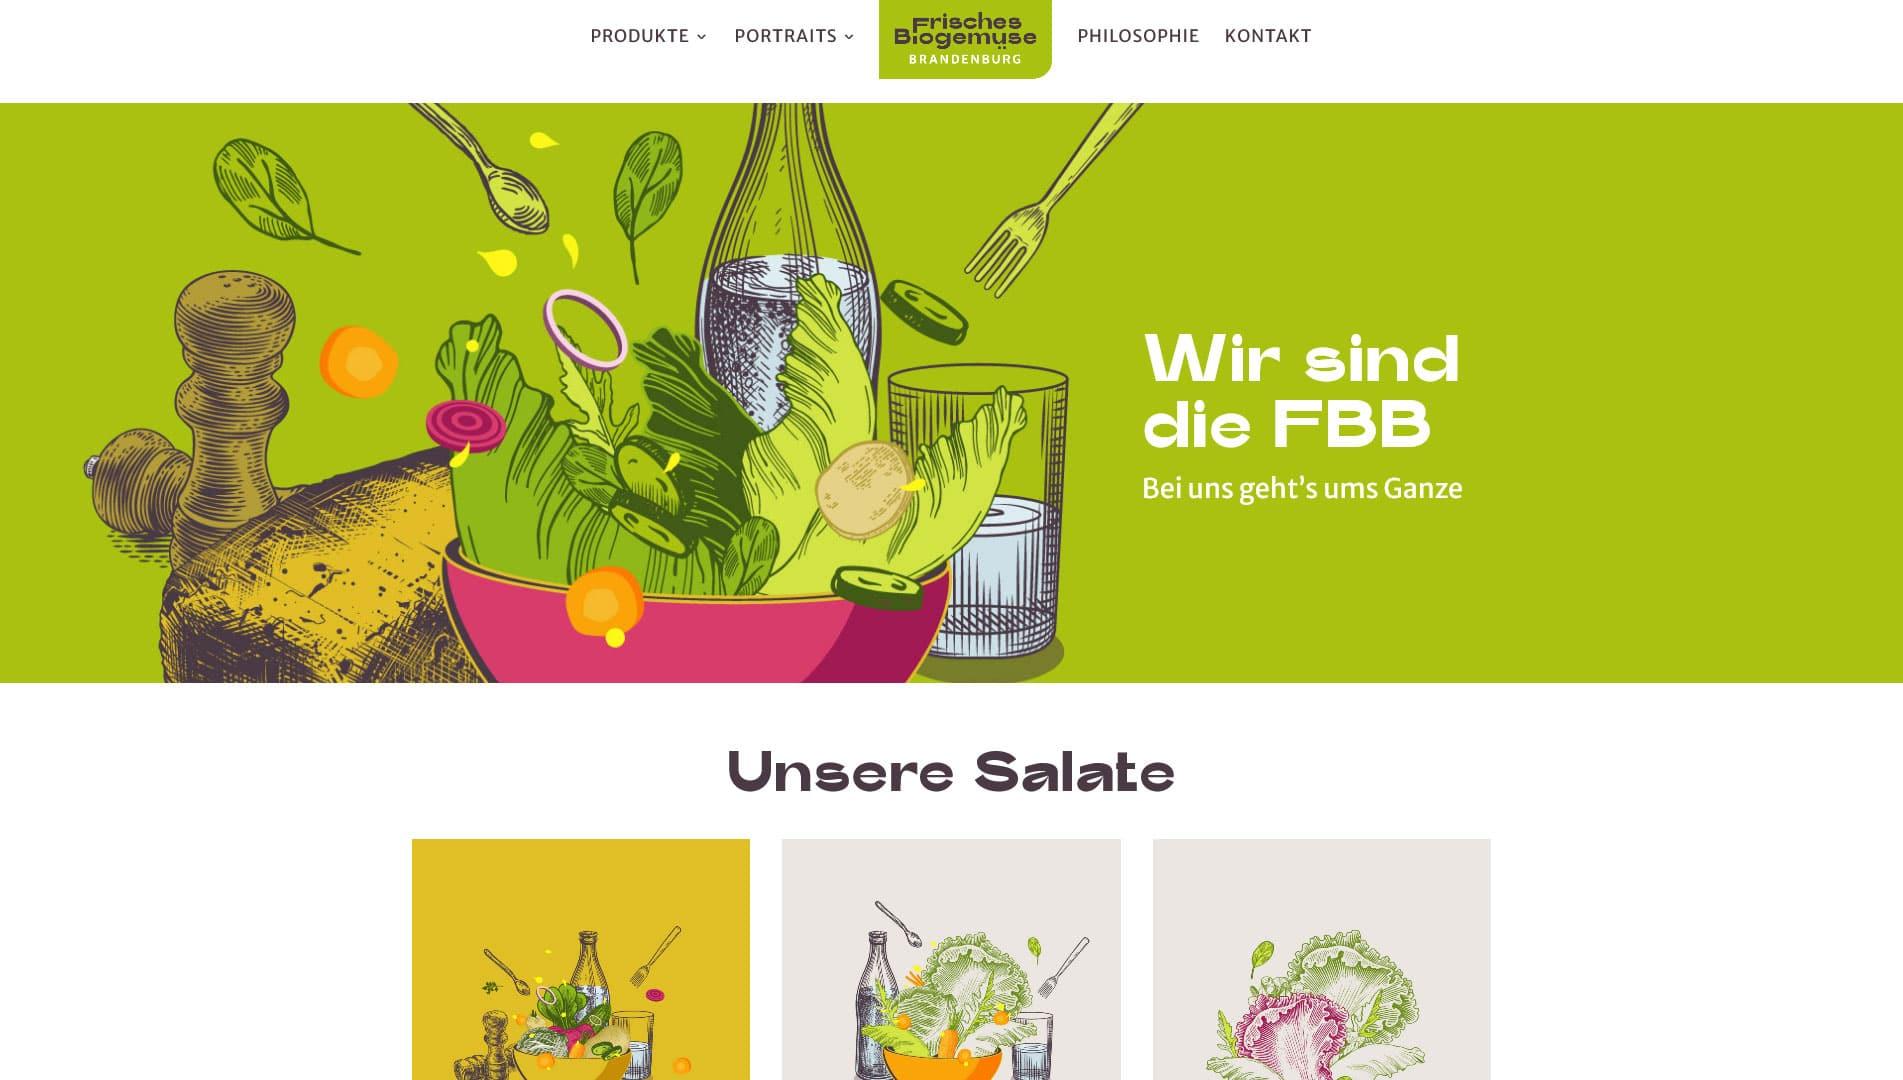 FBB Frisches Biogemüse aus Brandenburg